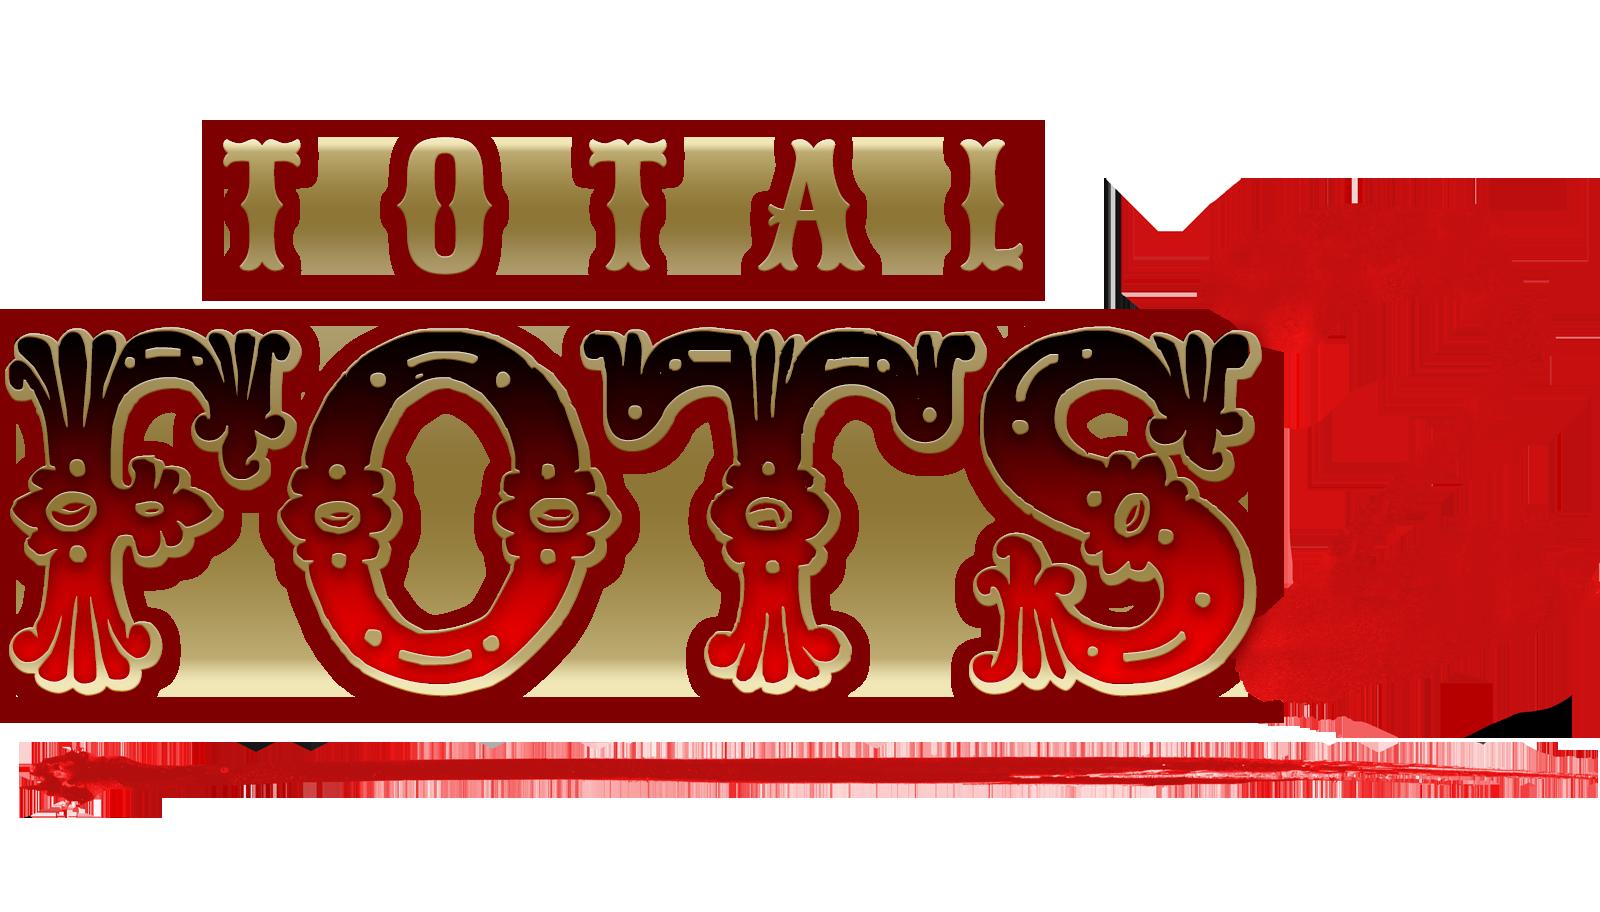 Total_FotS_V2_logo_LARGE.png